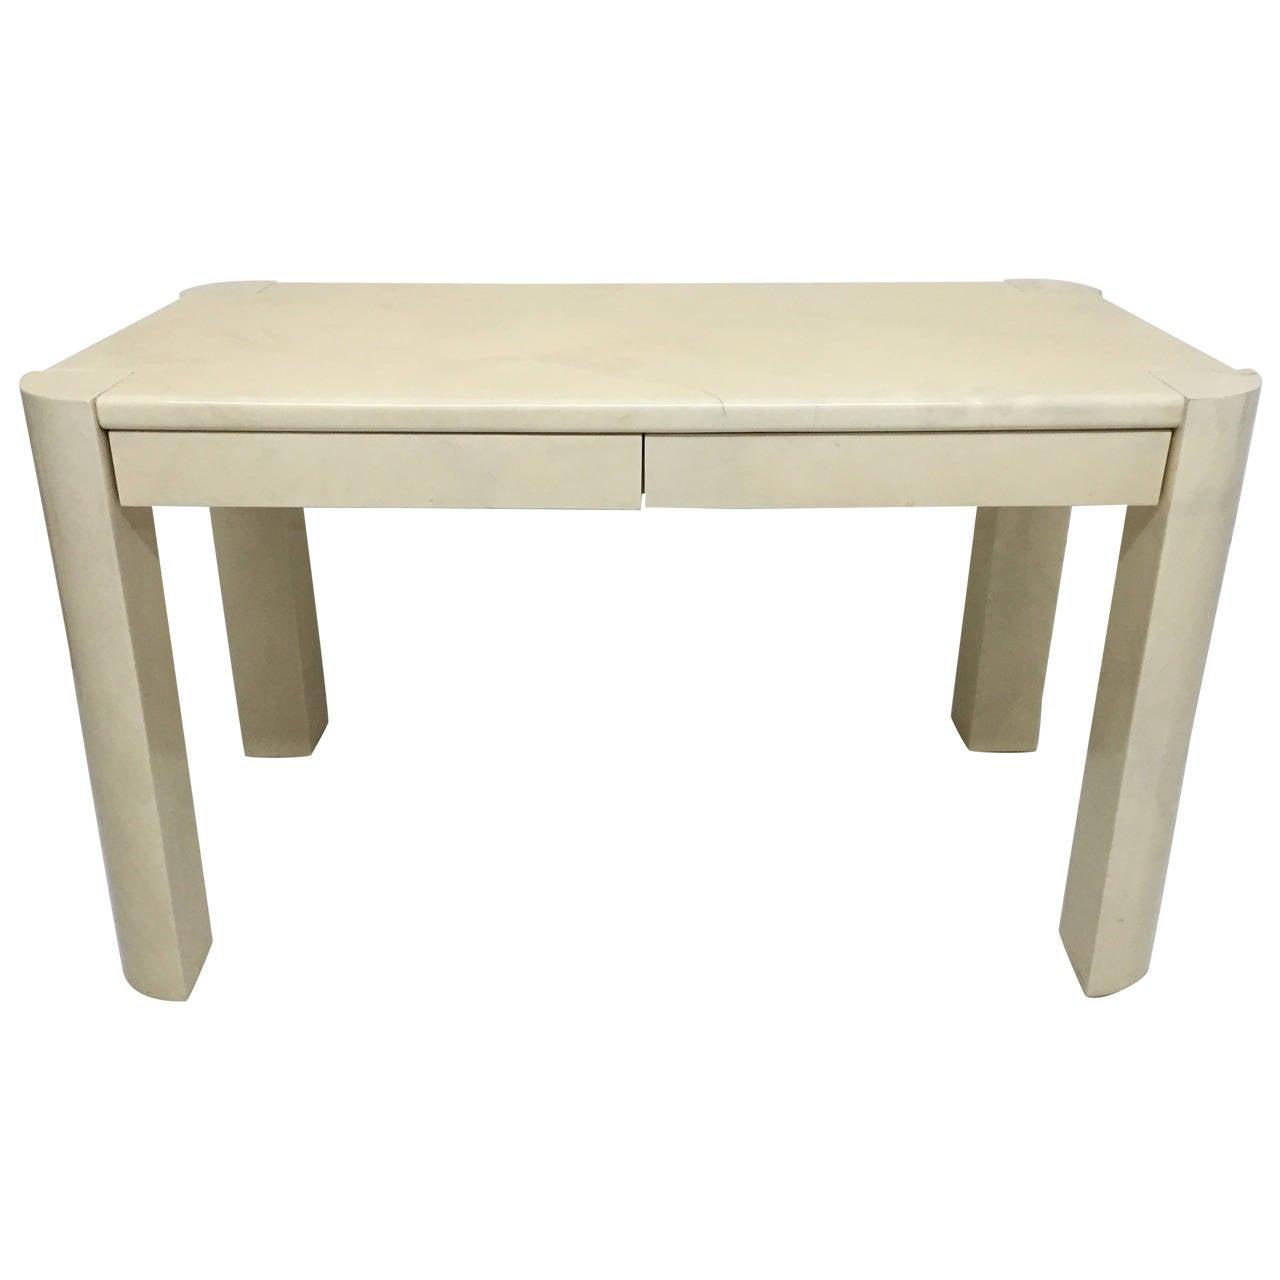 Karl Springer Angular Leg Desk in Ivory Lacquered Goatskin